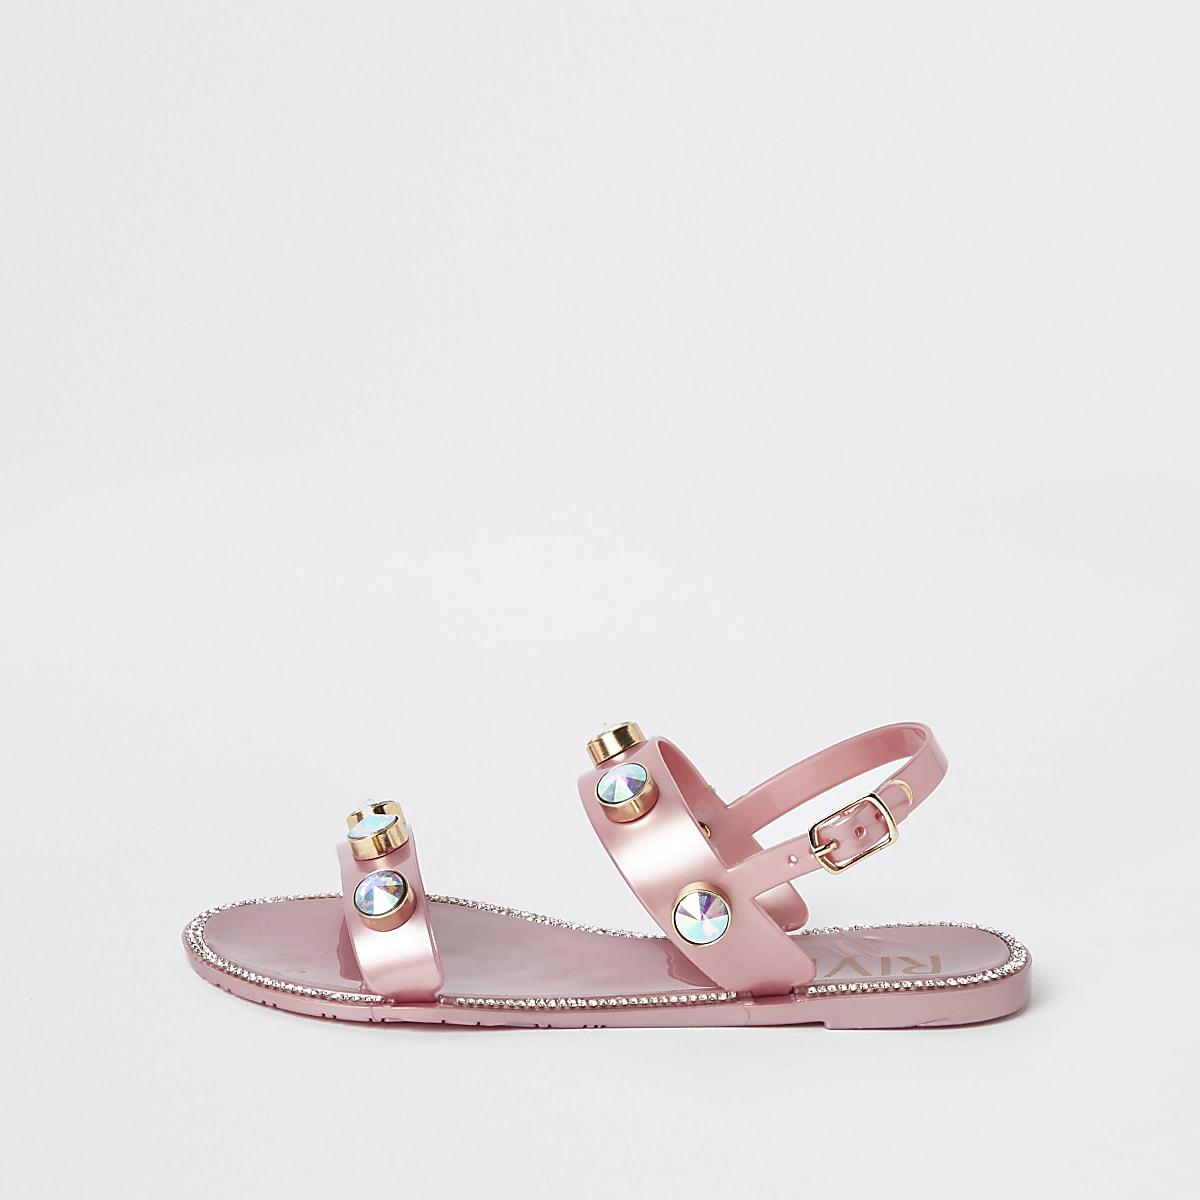 Roze jelly sandalen met siersteentjes voor meisjes